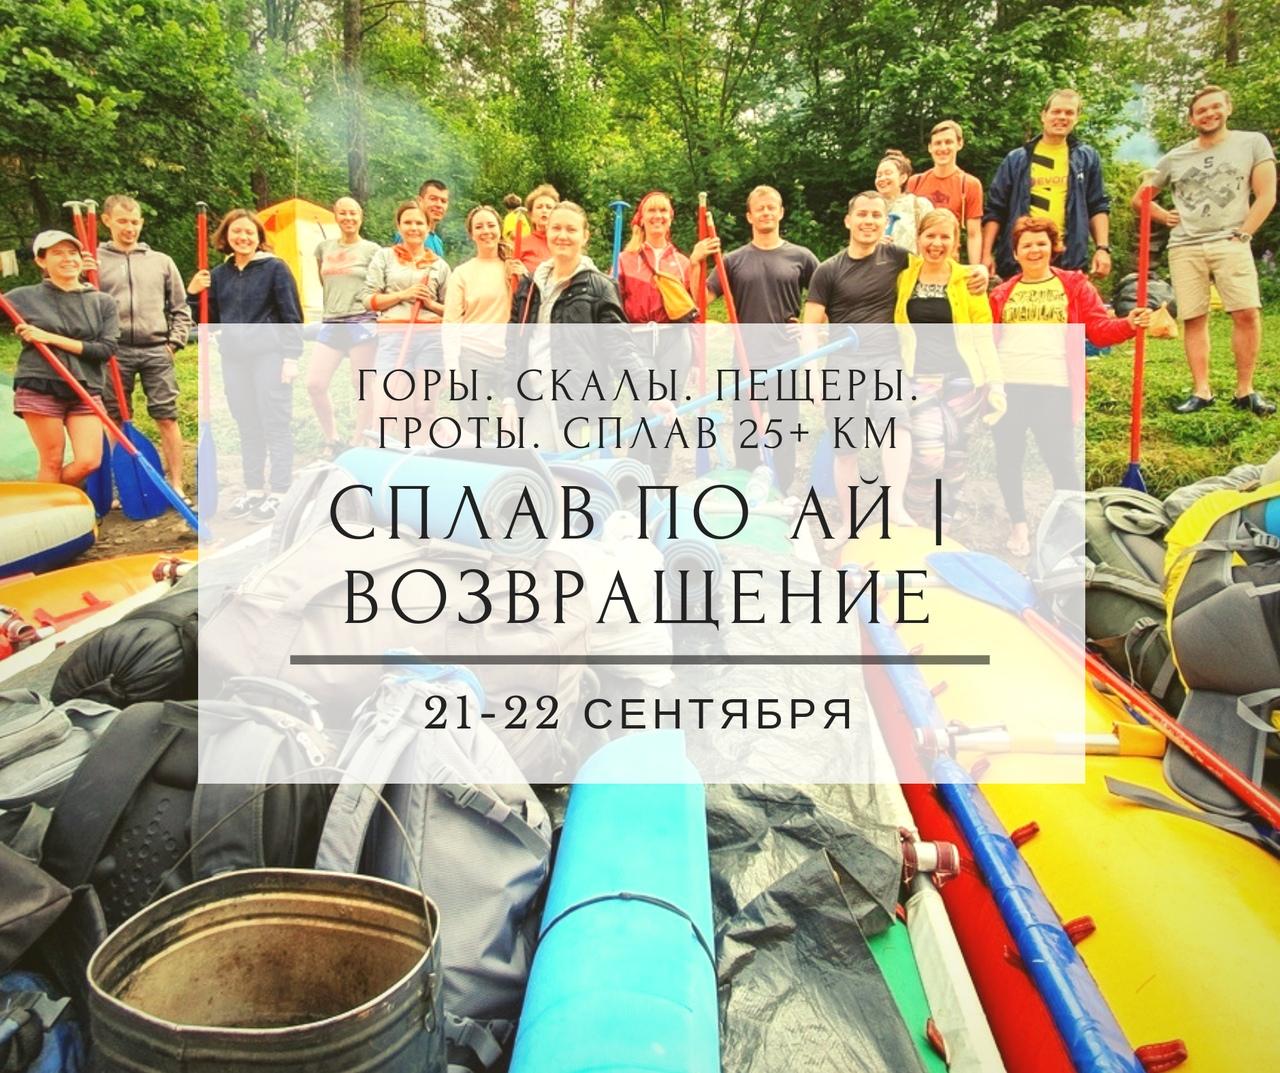 Афиша СПЛАВ ПО АЙ / ВОЗВРАЩЕНИЕ / 21-22 СЕНТЯБРЯ